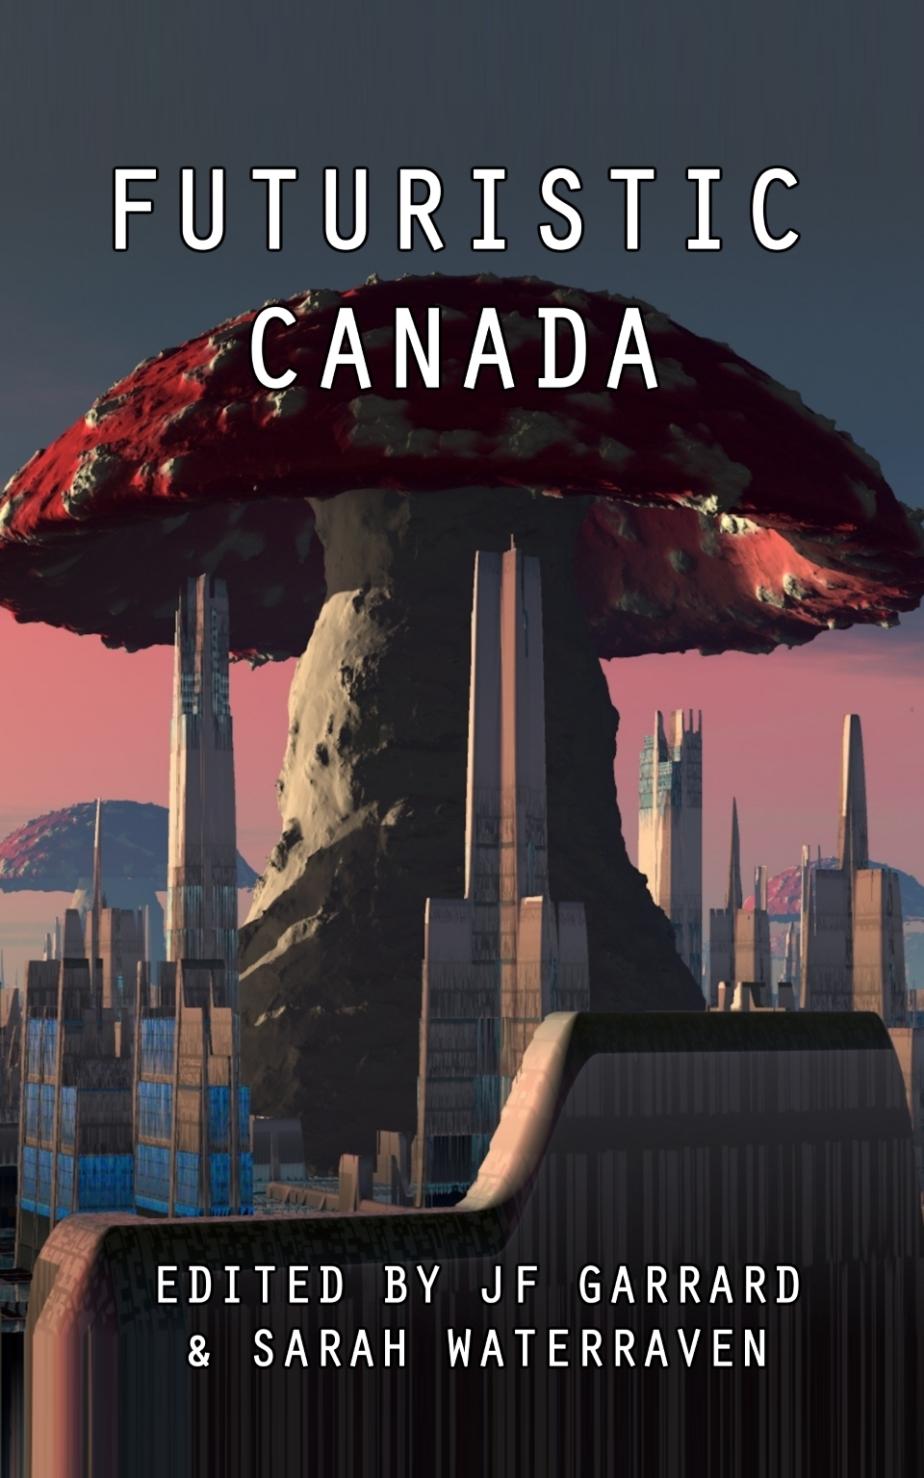 Futuristic Canada Out!